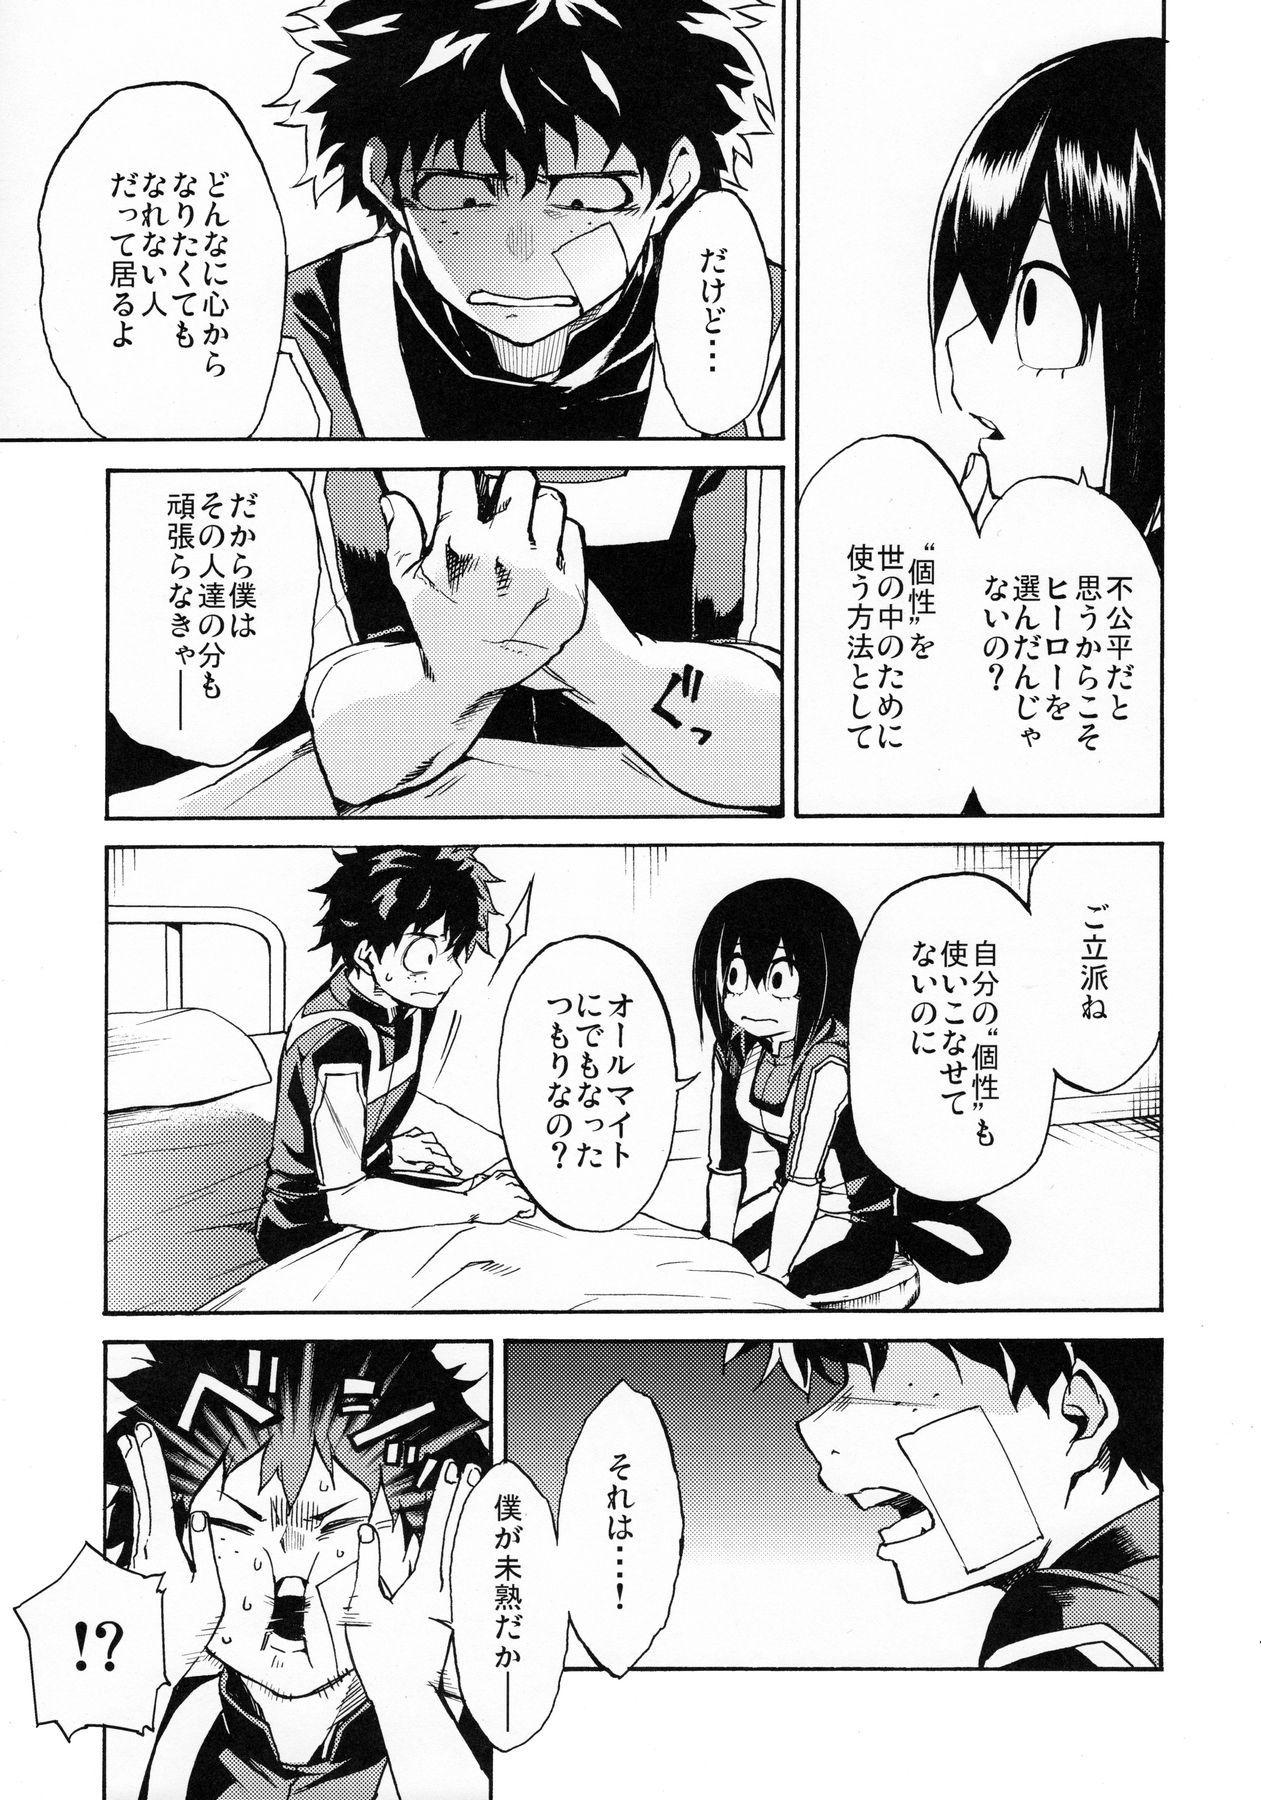 Ukiseikou hentai manga picture 6